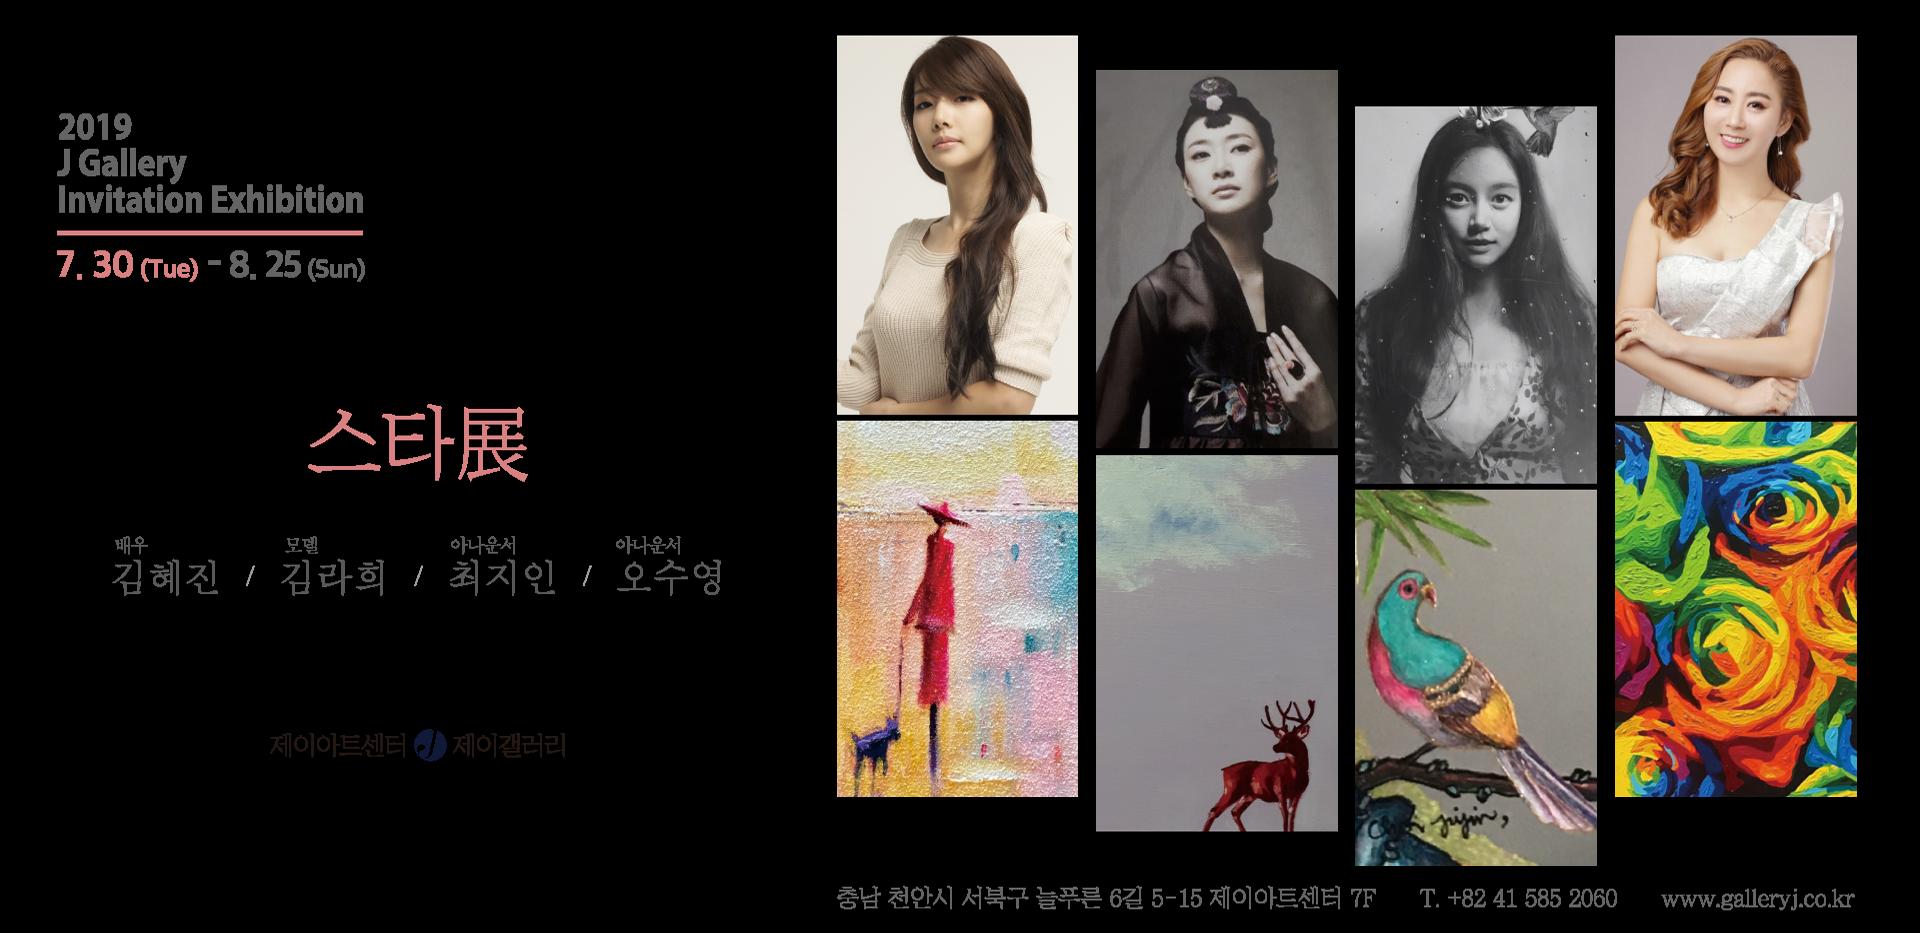 스타전_월간미술_배너_outline